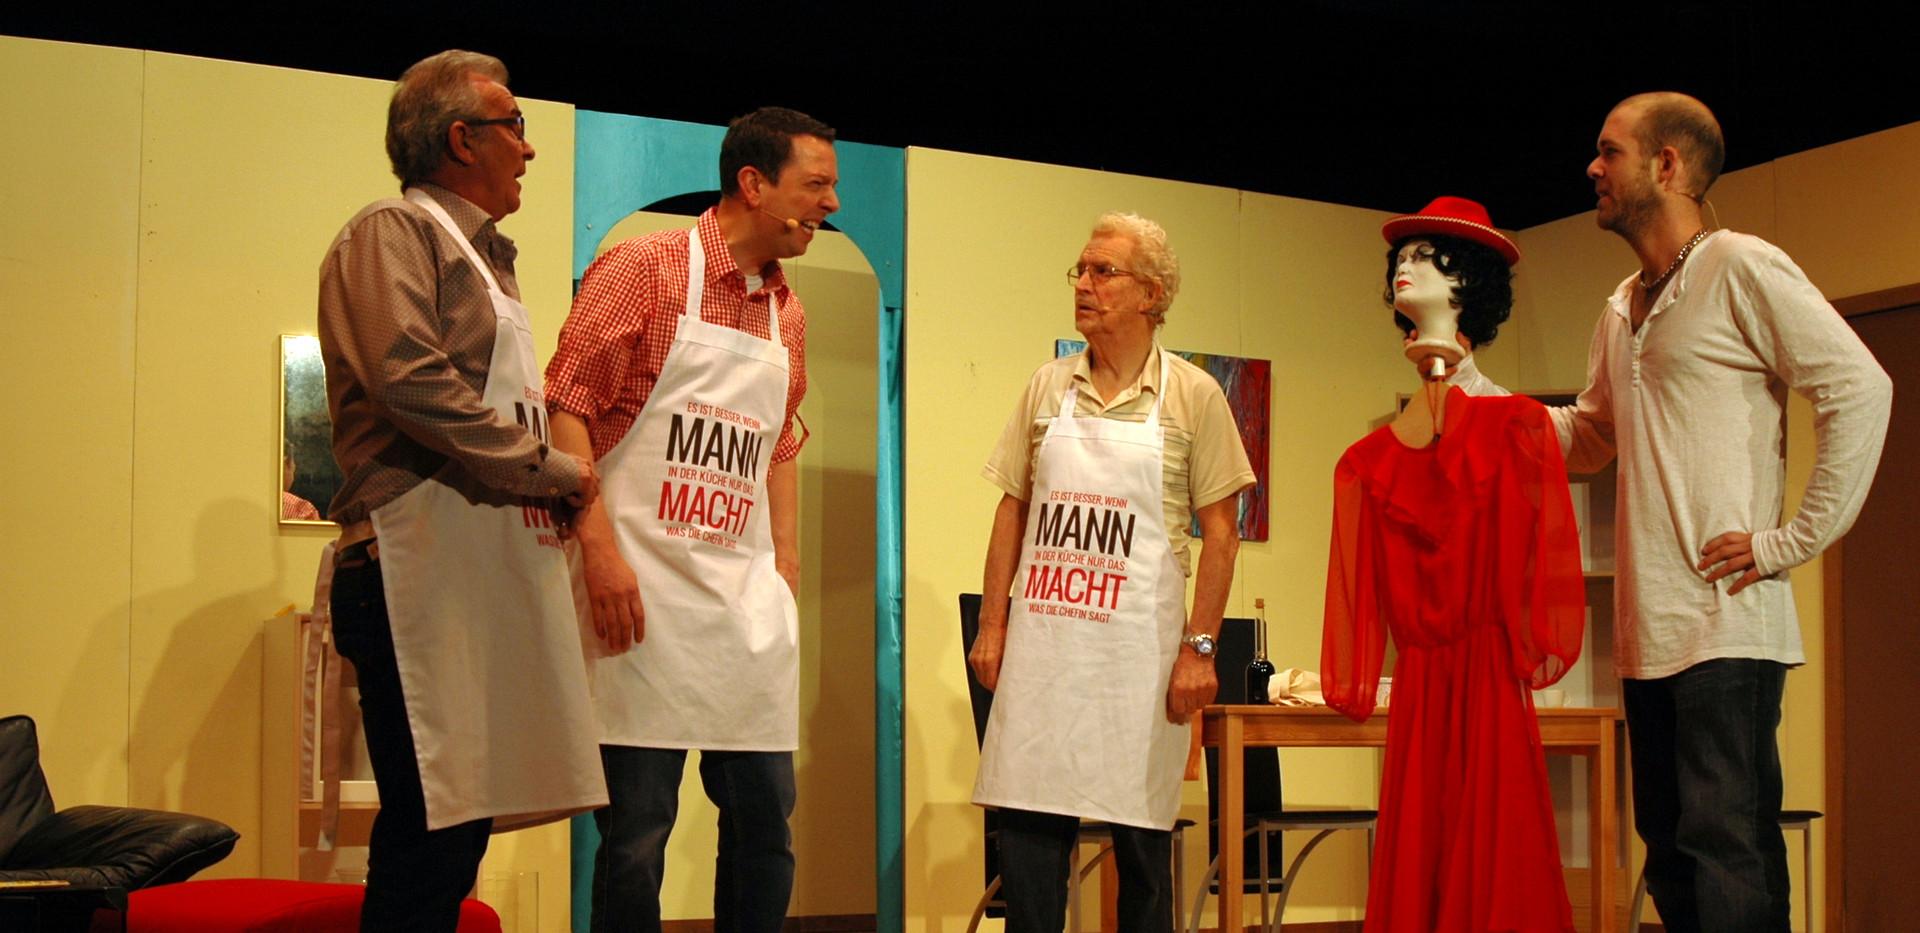 Theaterbilder2018 (32).JPG